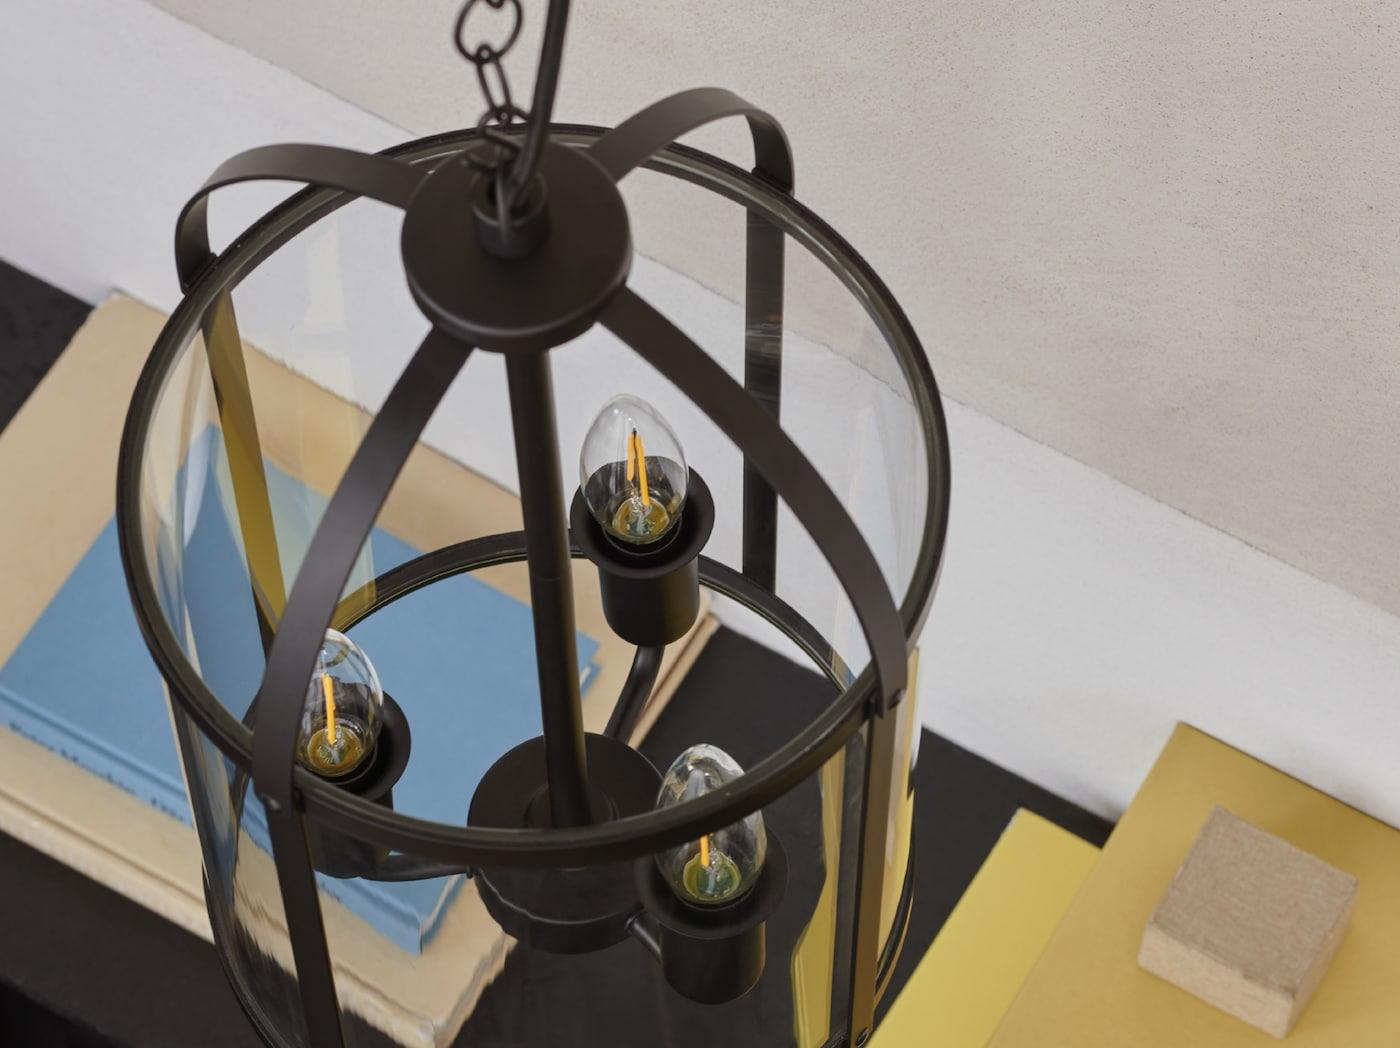 Detalle de la lámpara colgante GALJON con diseño de farol que incluye tres bombillas decorativas con libros de colores en el fondo.